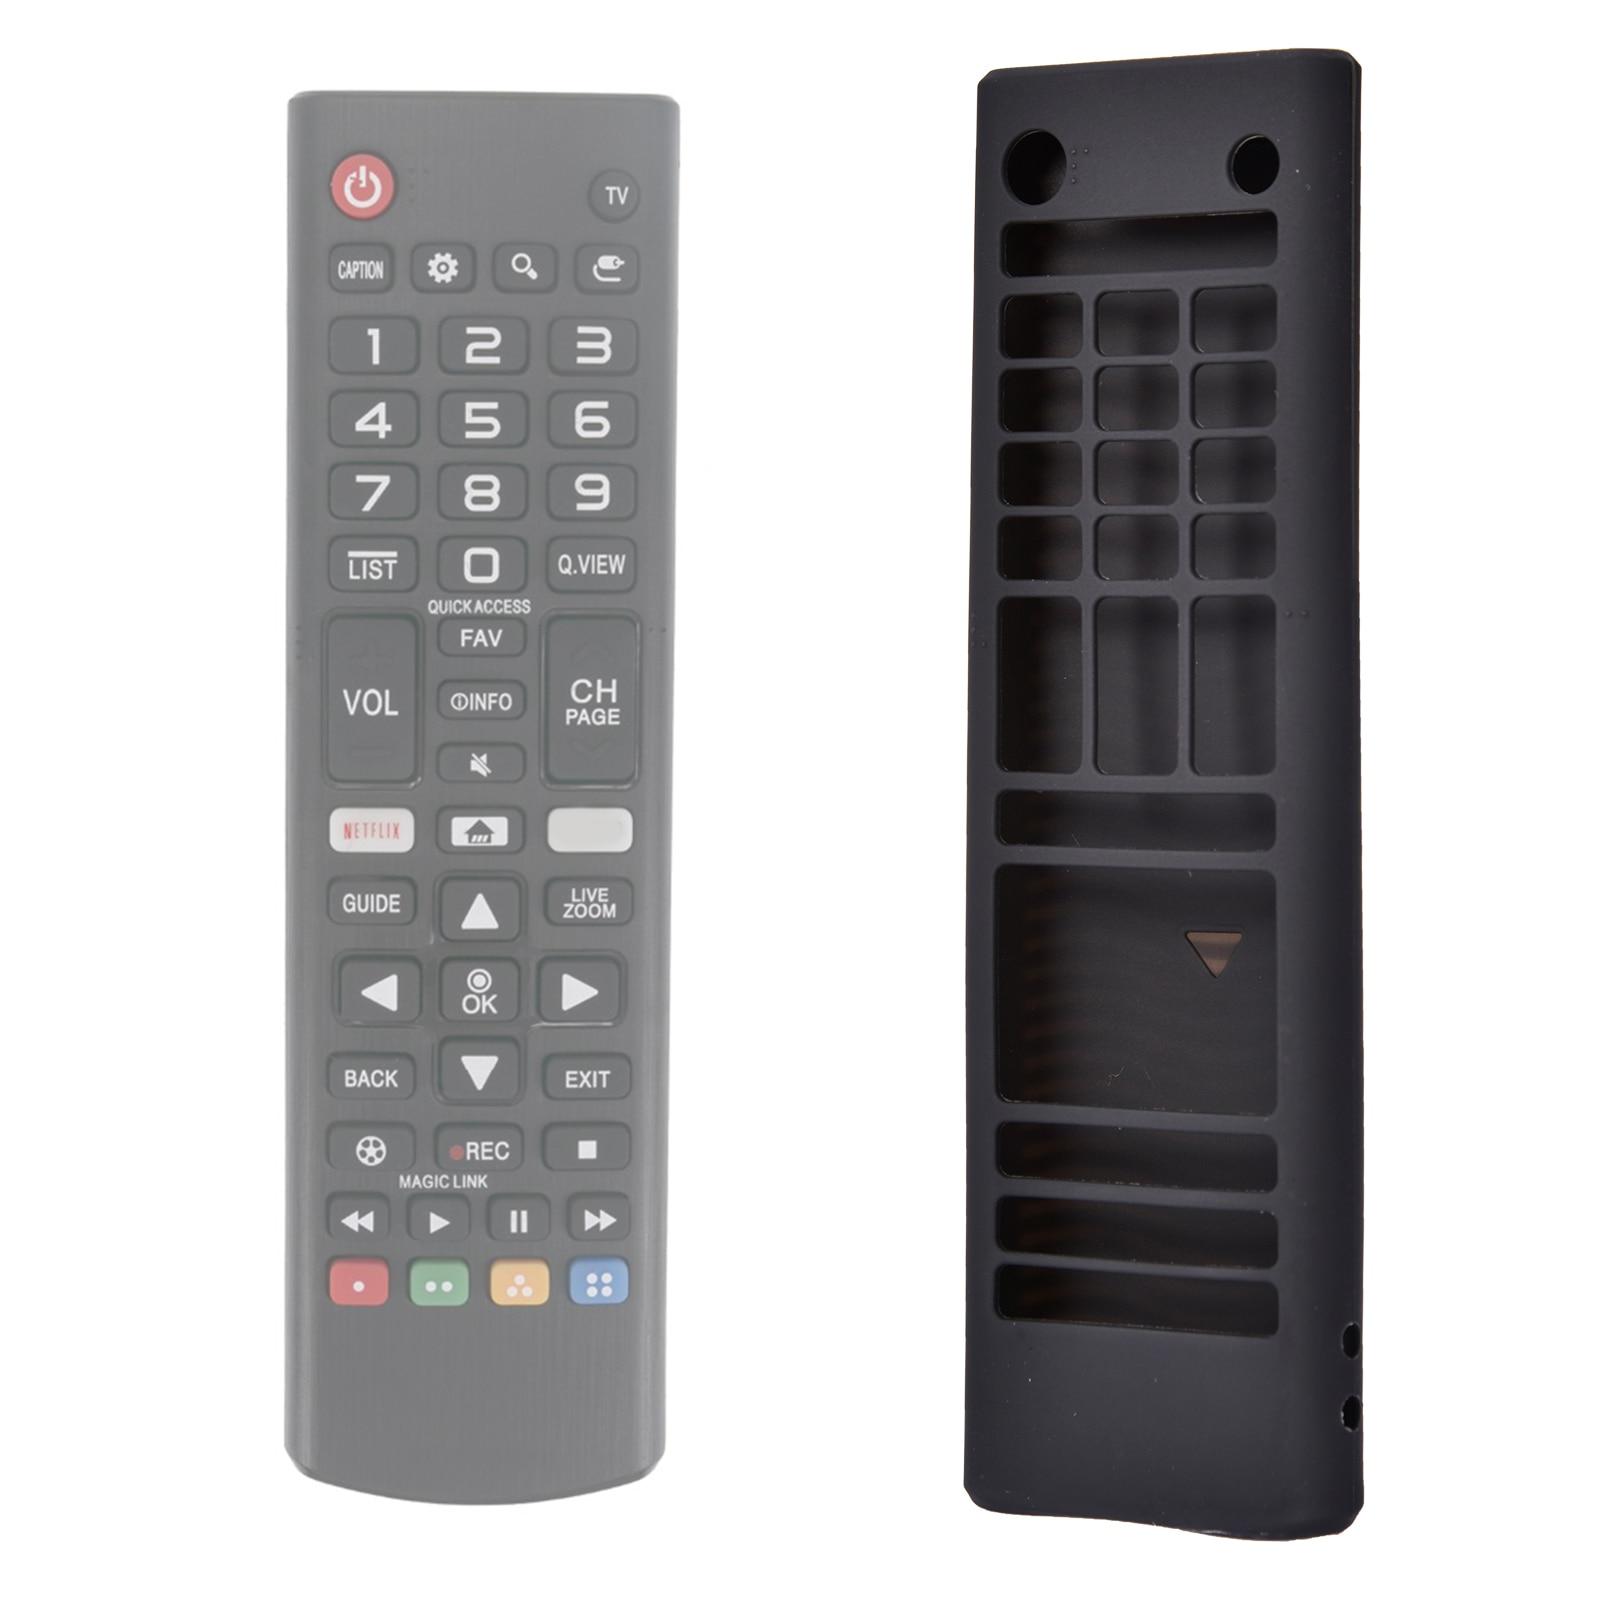 Capa para lg akb75095307, akb74915305, akb7537560 smart tv remoto para lg tv remoto caso capa protetora de silicone titular pele